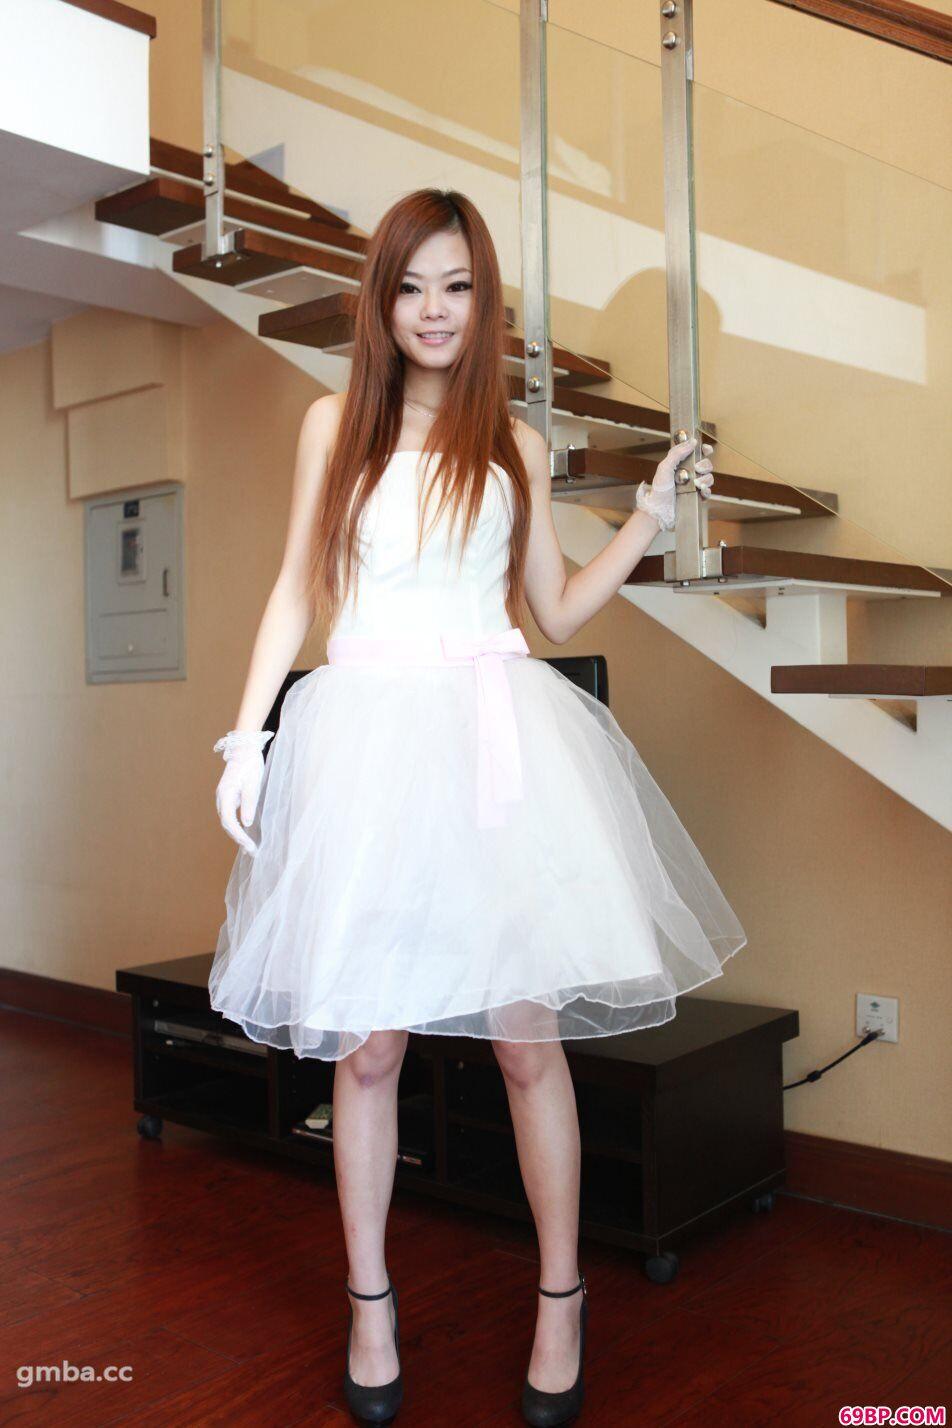 国模小雅私拍靓妹新娘人体写真